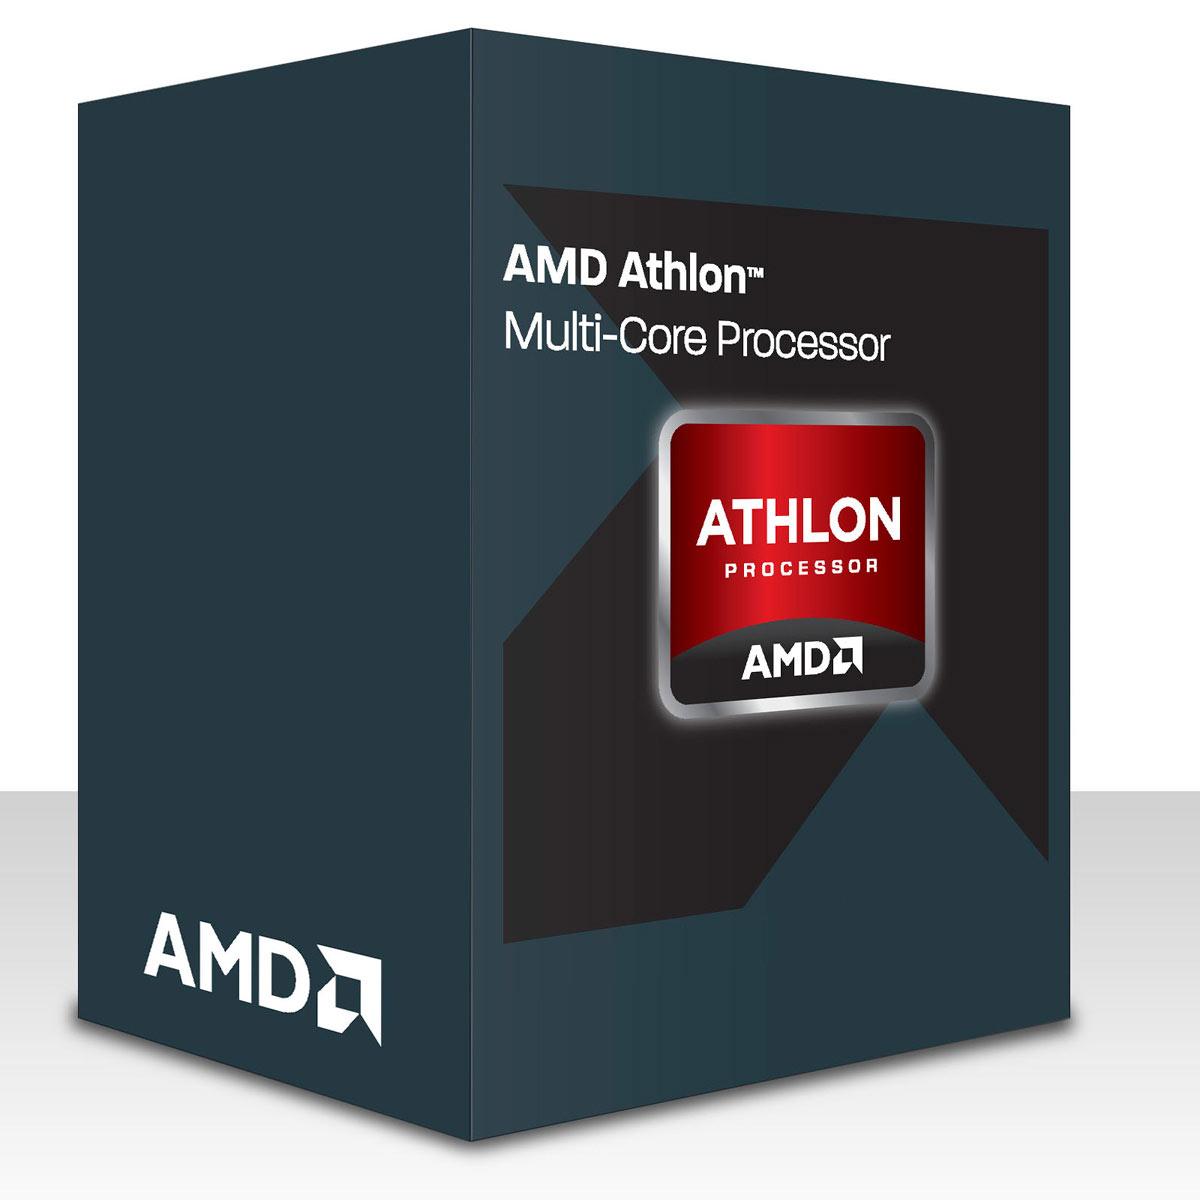 Processeur AMD Athlon X4 840 (3.1 GHz)  Processeur Quad Core Socket FM2+ 0.028 micron Cache L2 4 Mo (version boîte - garantie constructeur 3 ans)